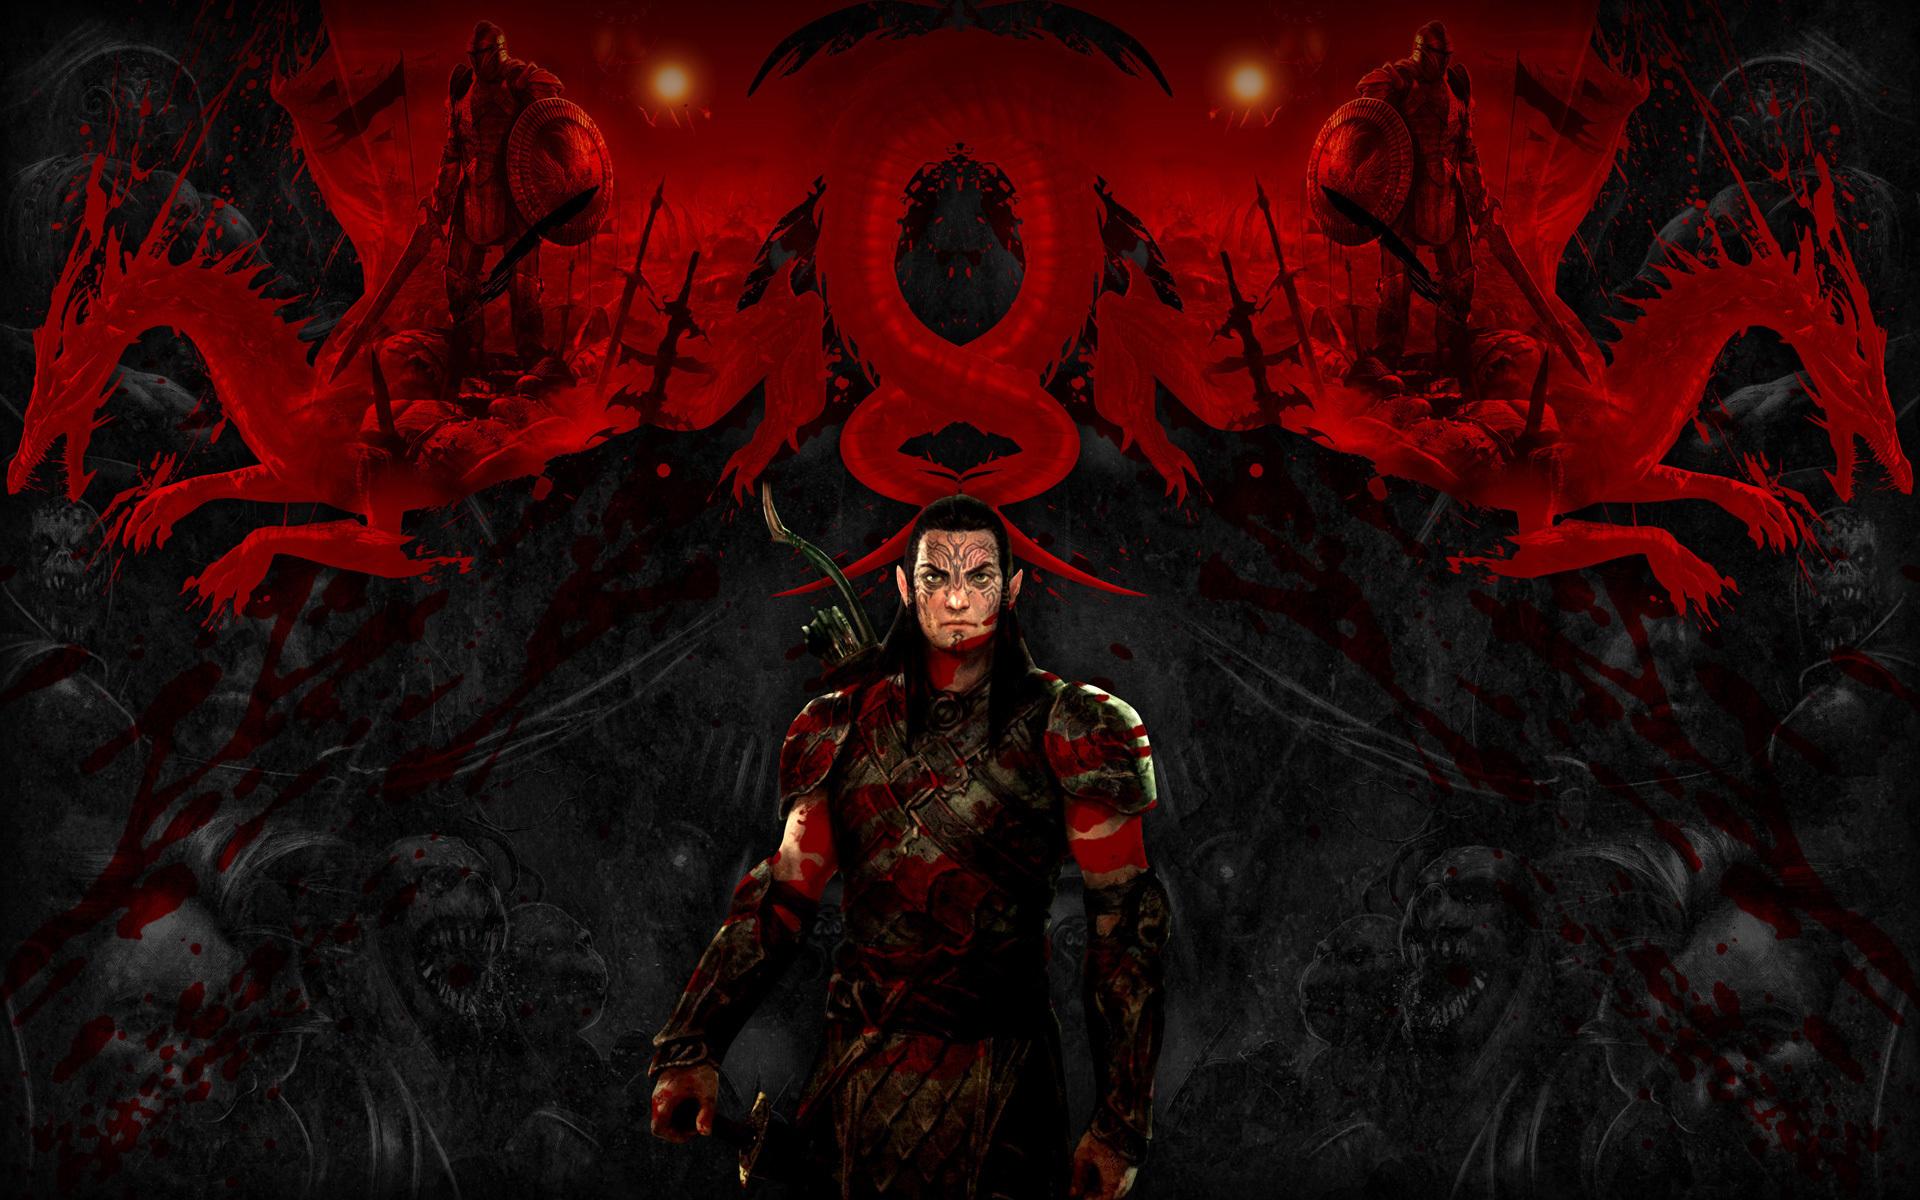 Dragon Age Origins Wallpapers: Dragon Age Warrior Men Armor Games Fantasy Dragon